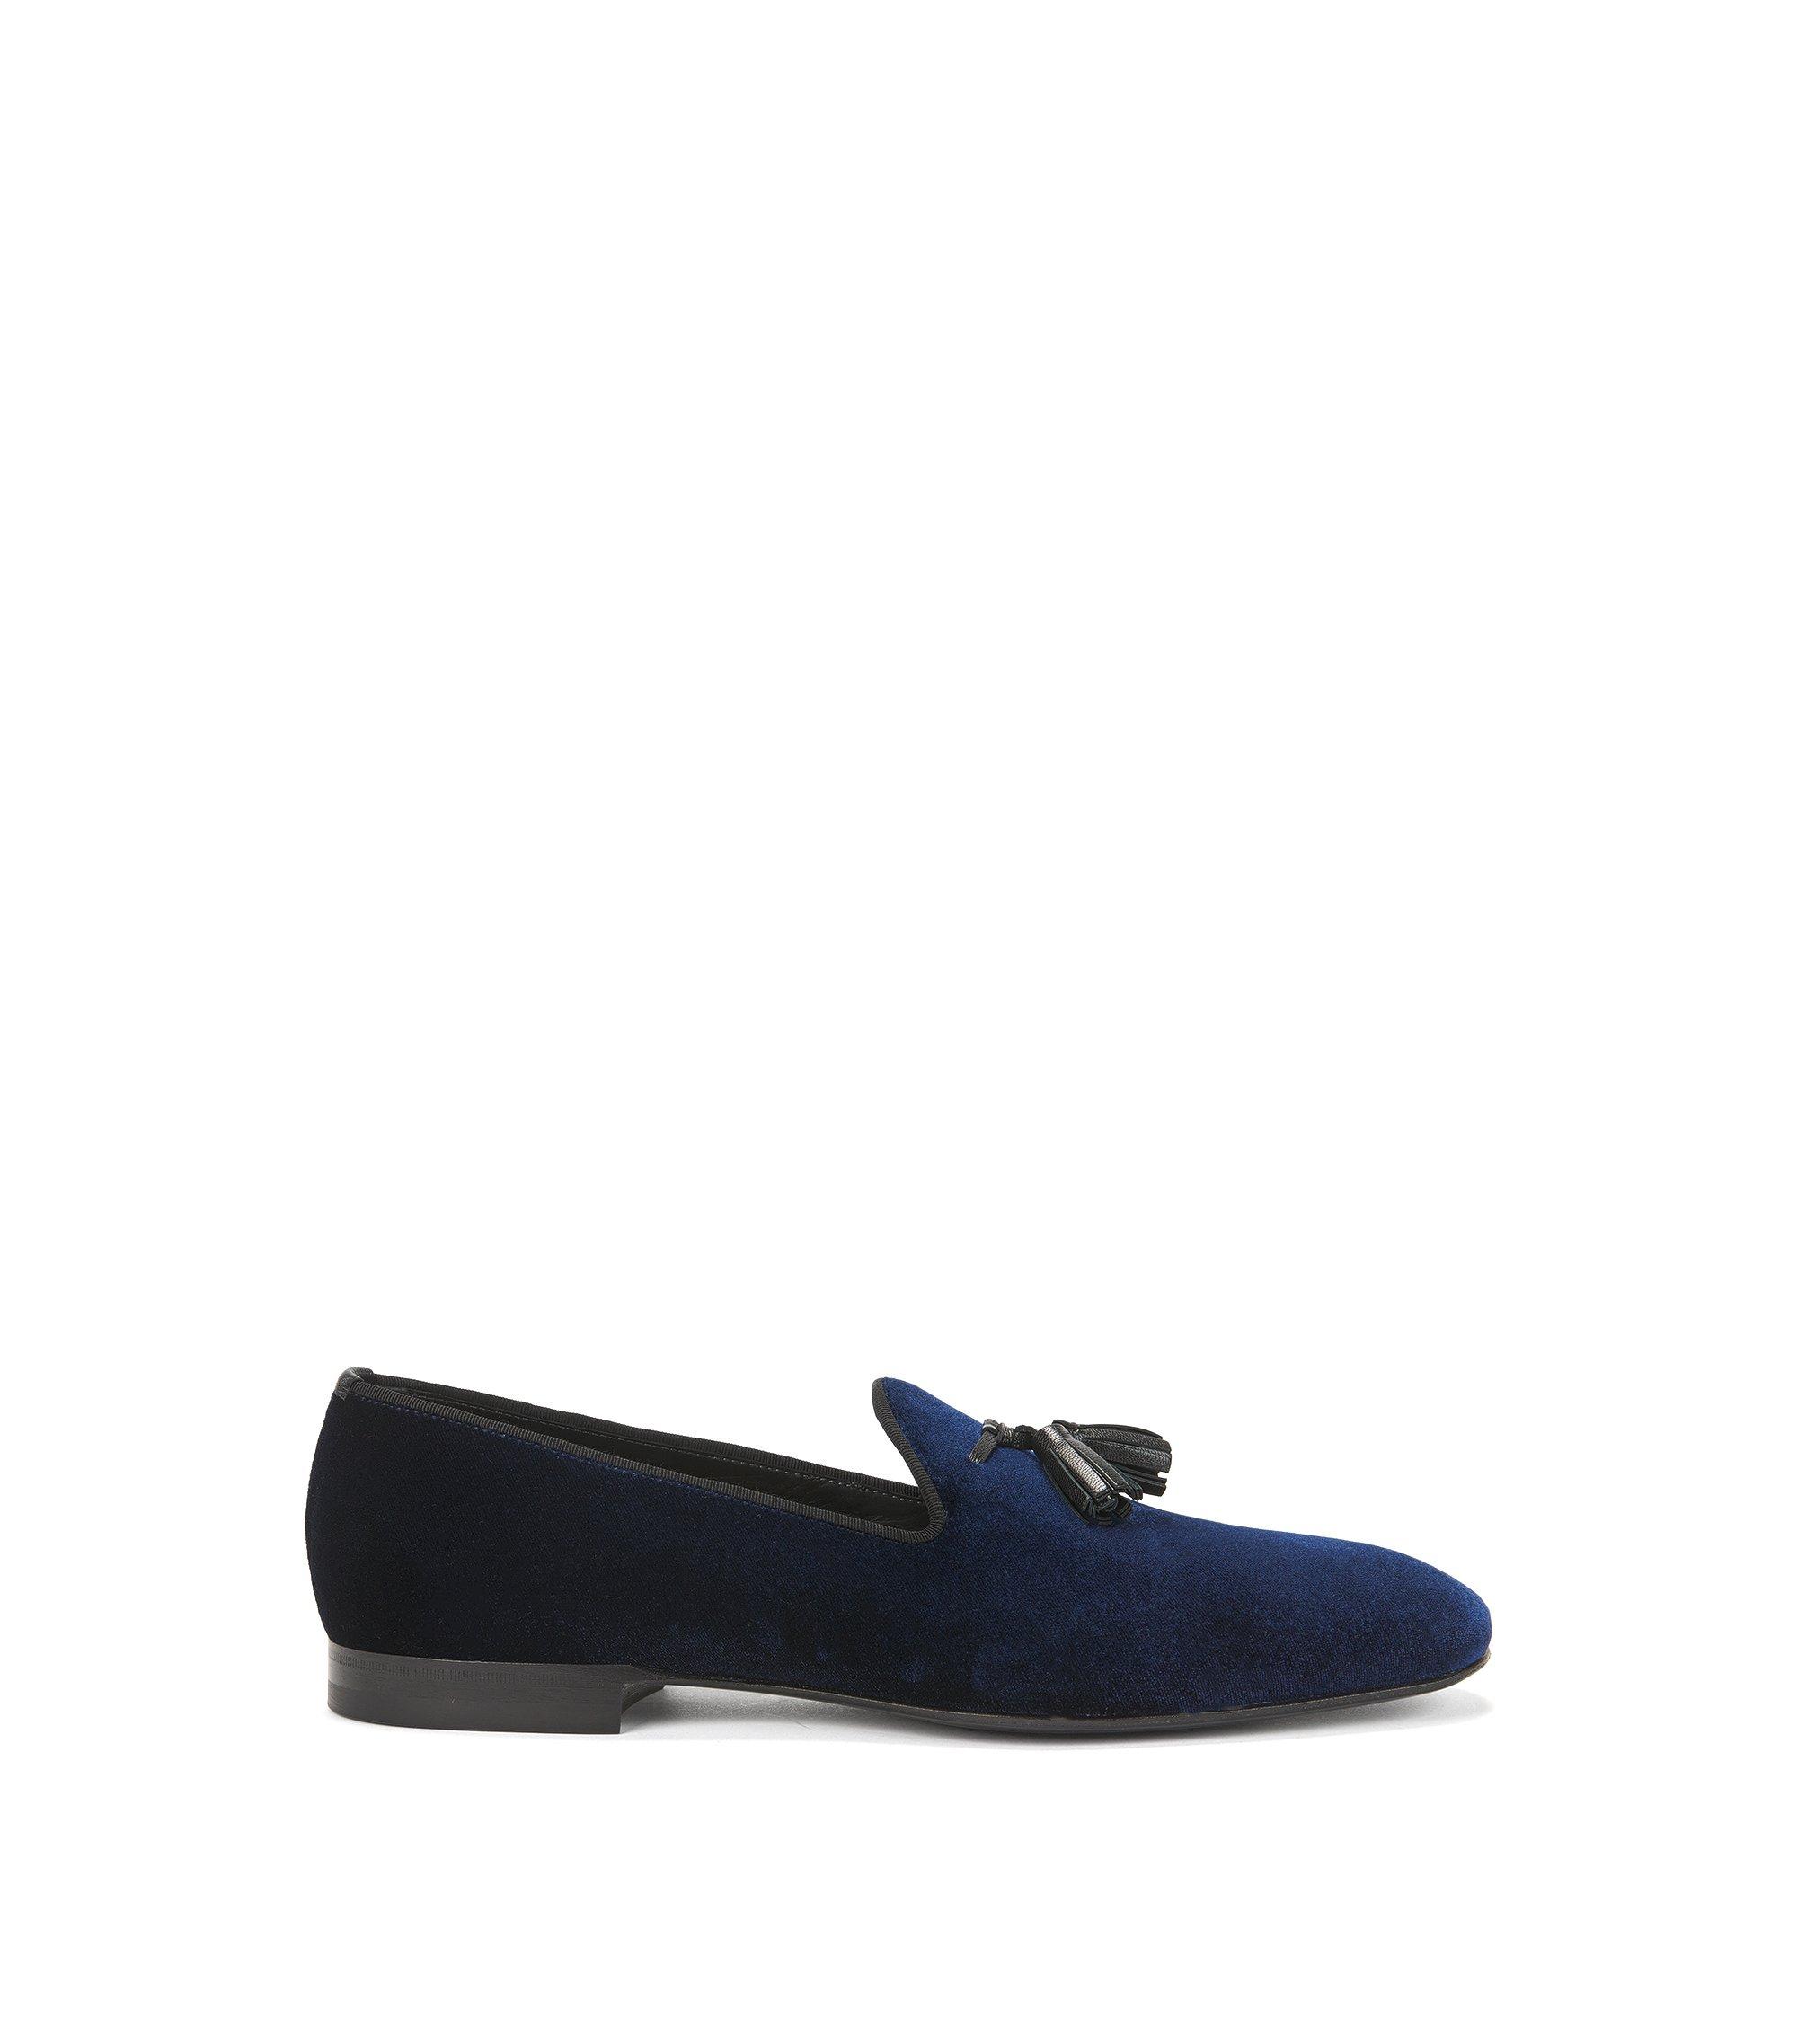 Italian Velvet Penny Loafer | Glam Slon Vlt, Dark Blue